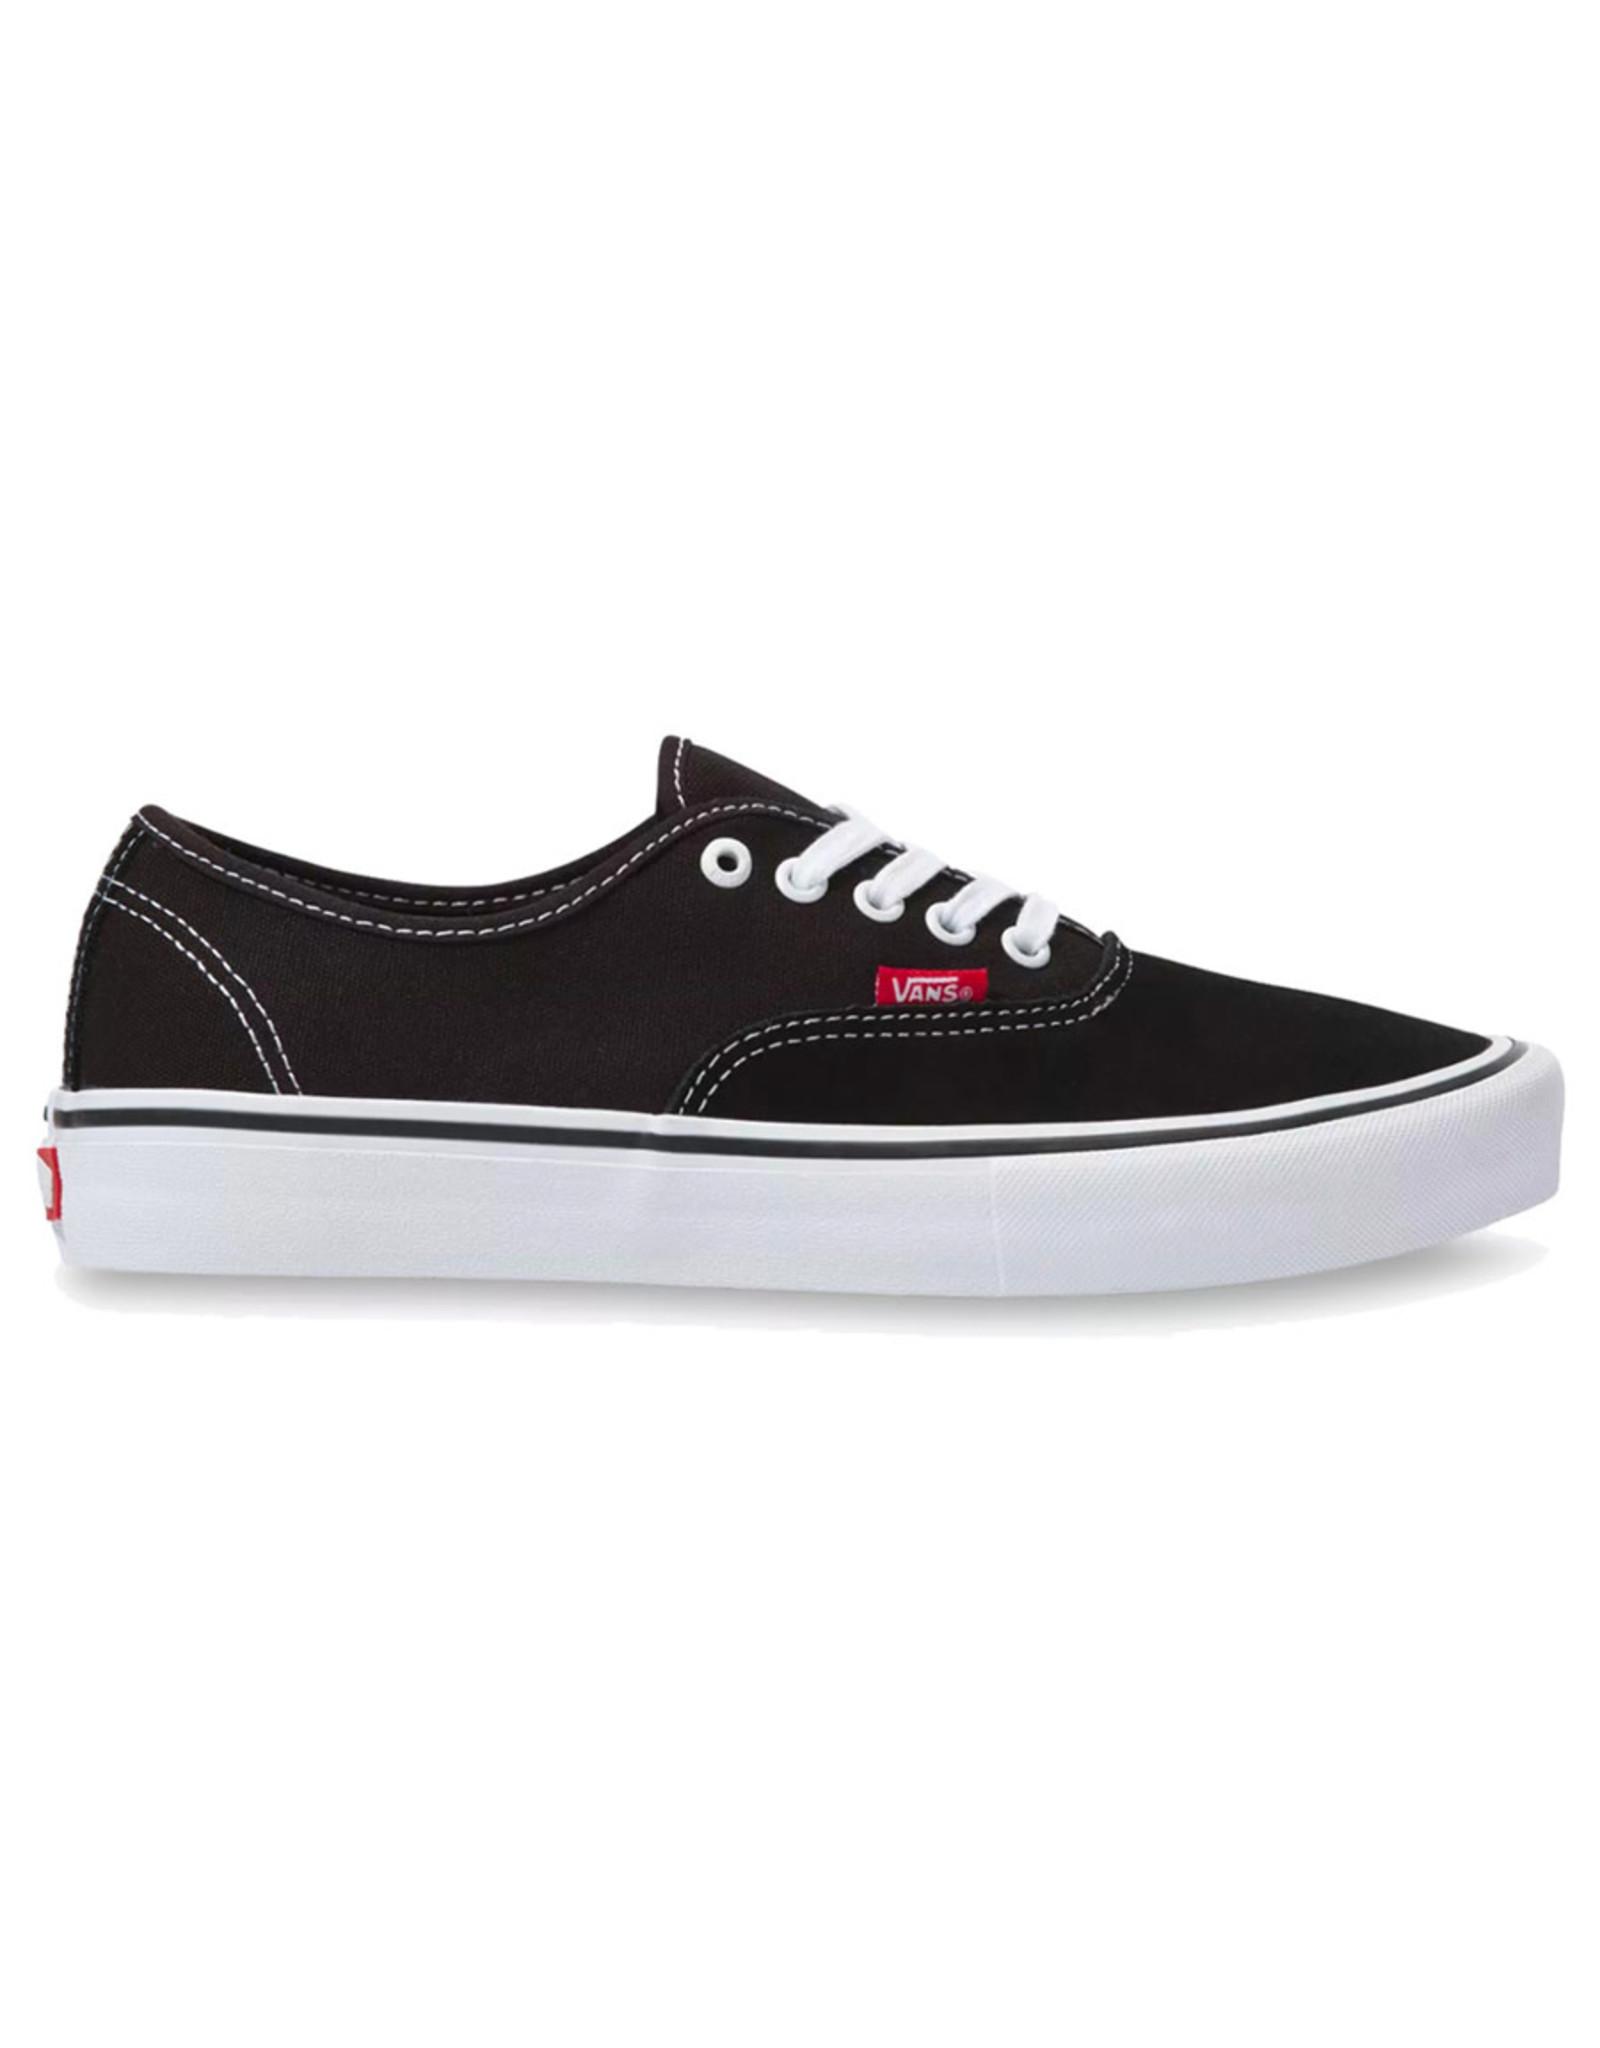 Vans Shoes Vans Shoe Pro Authentic (Black/True White)